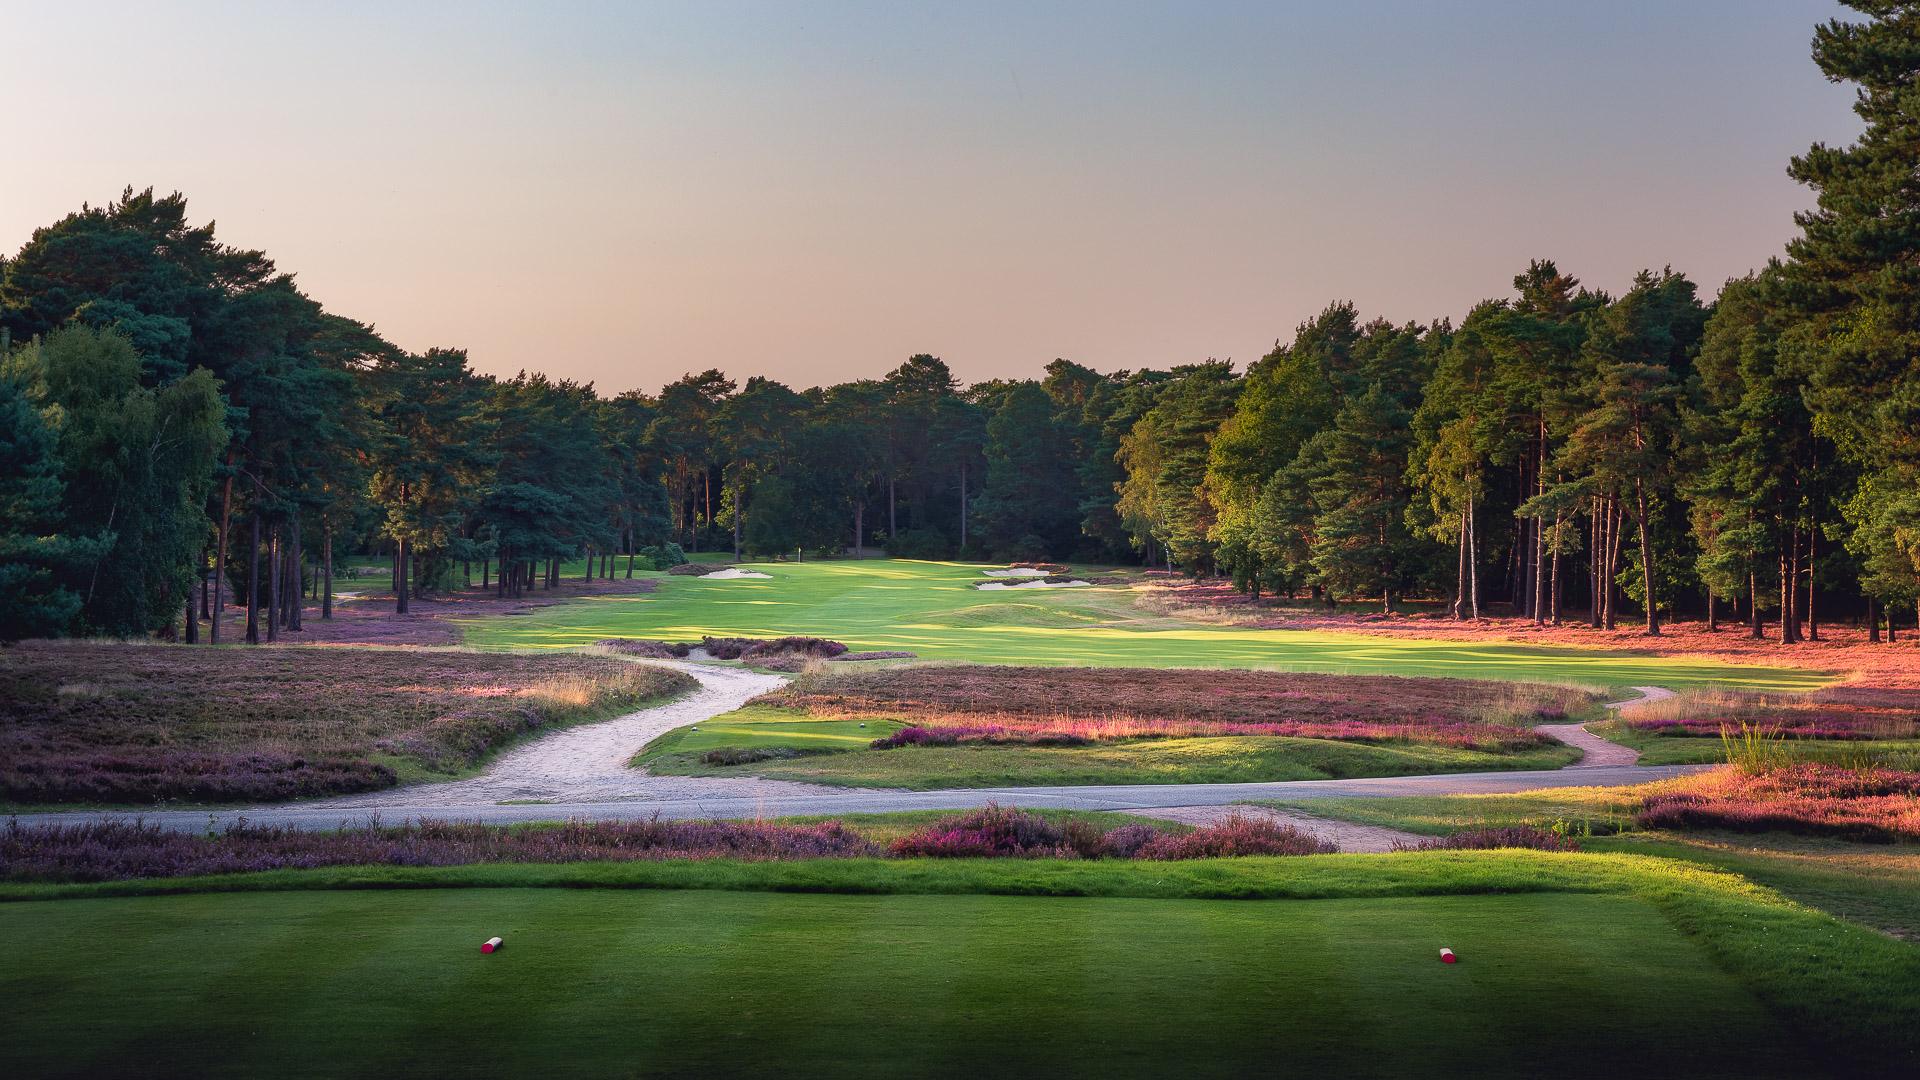 06th-Hole-St-Georges-Hill-Golf-Club-2261-Edit-2